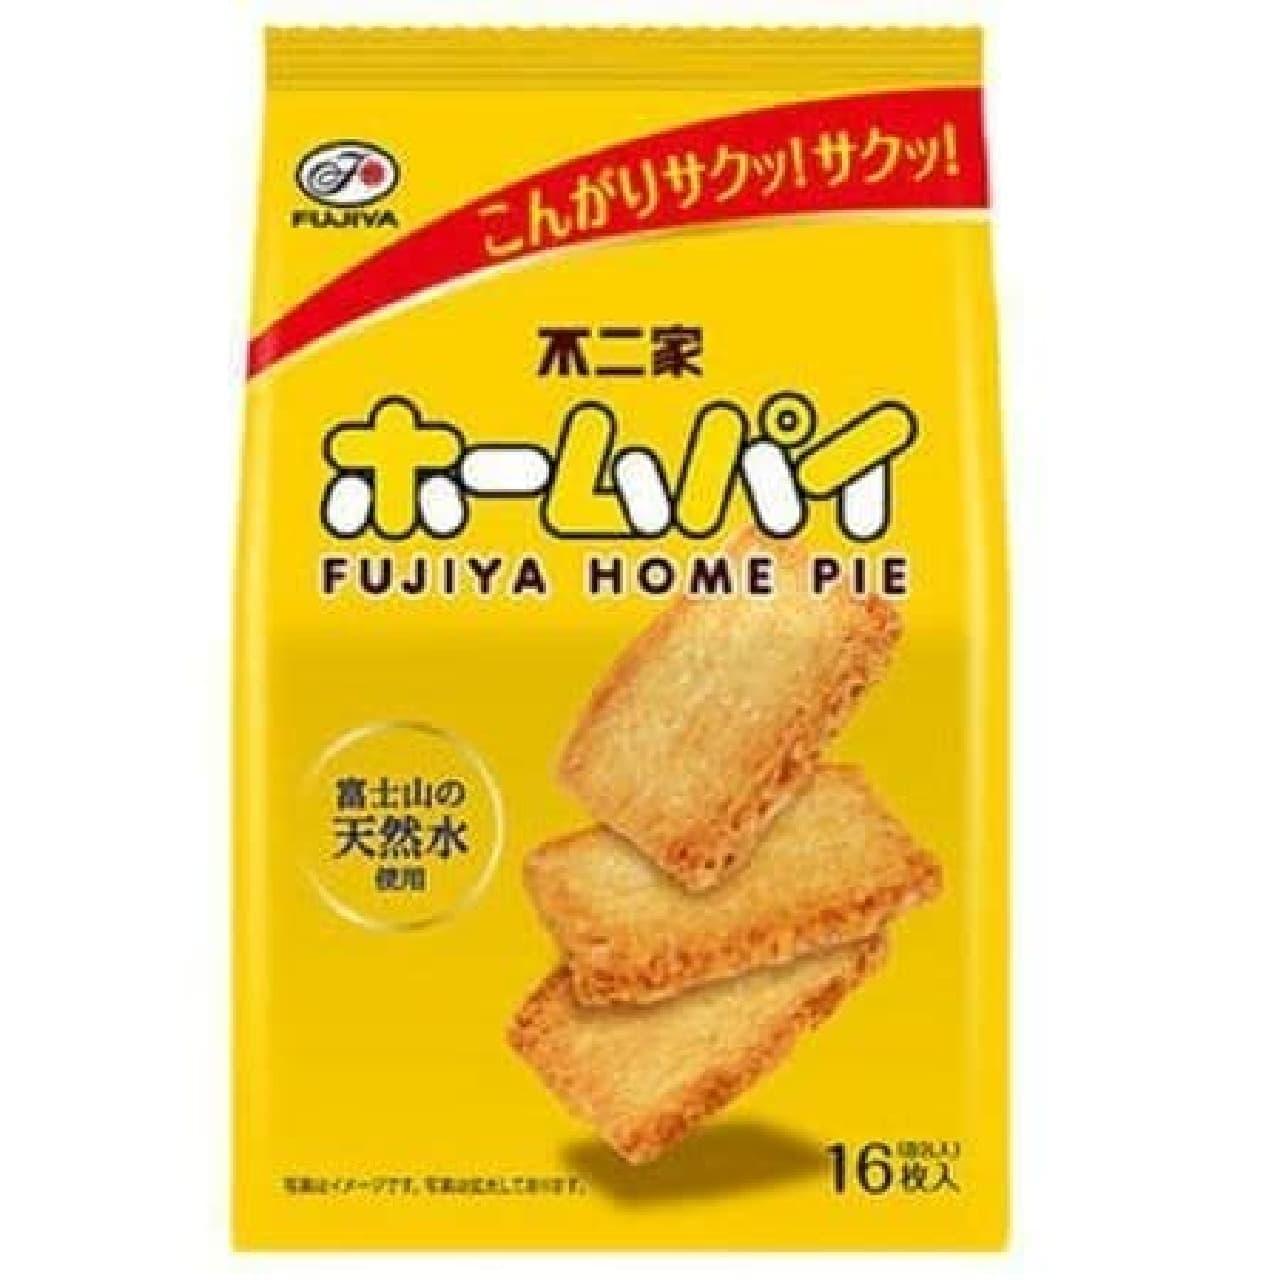 ホームパイは富士山の天然水で仕込まれたパイ生地が約700層にも折り重ねて焼きあげられた商品